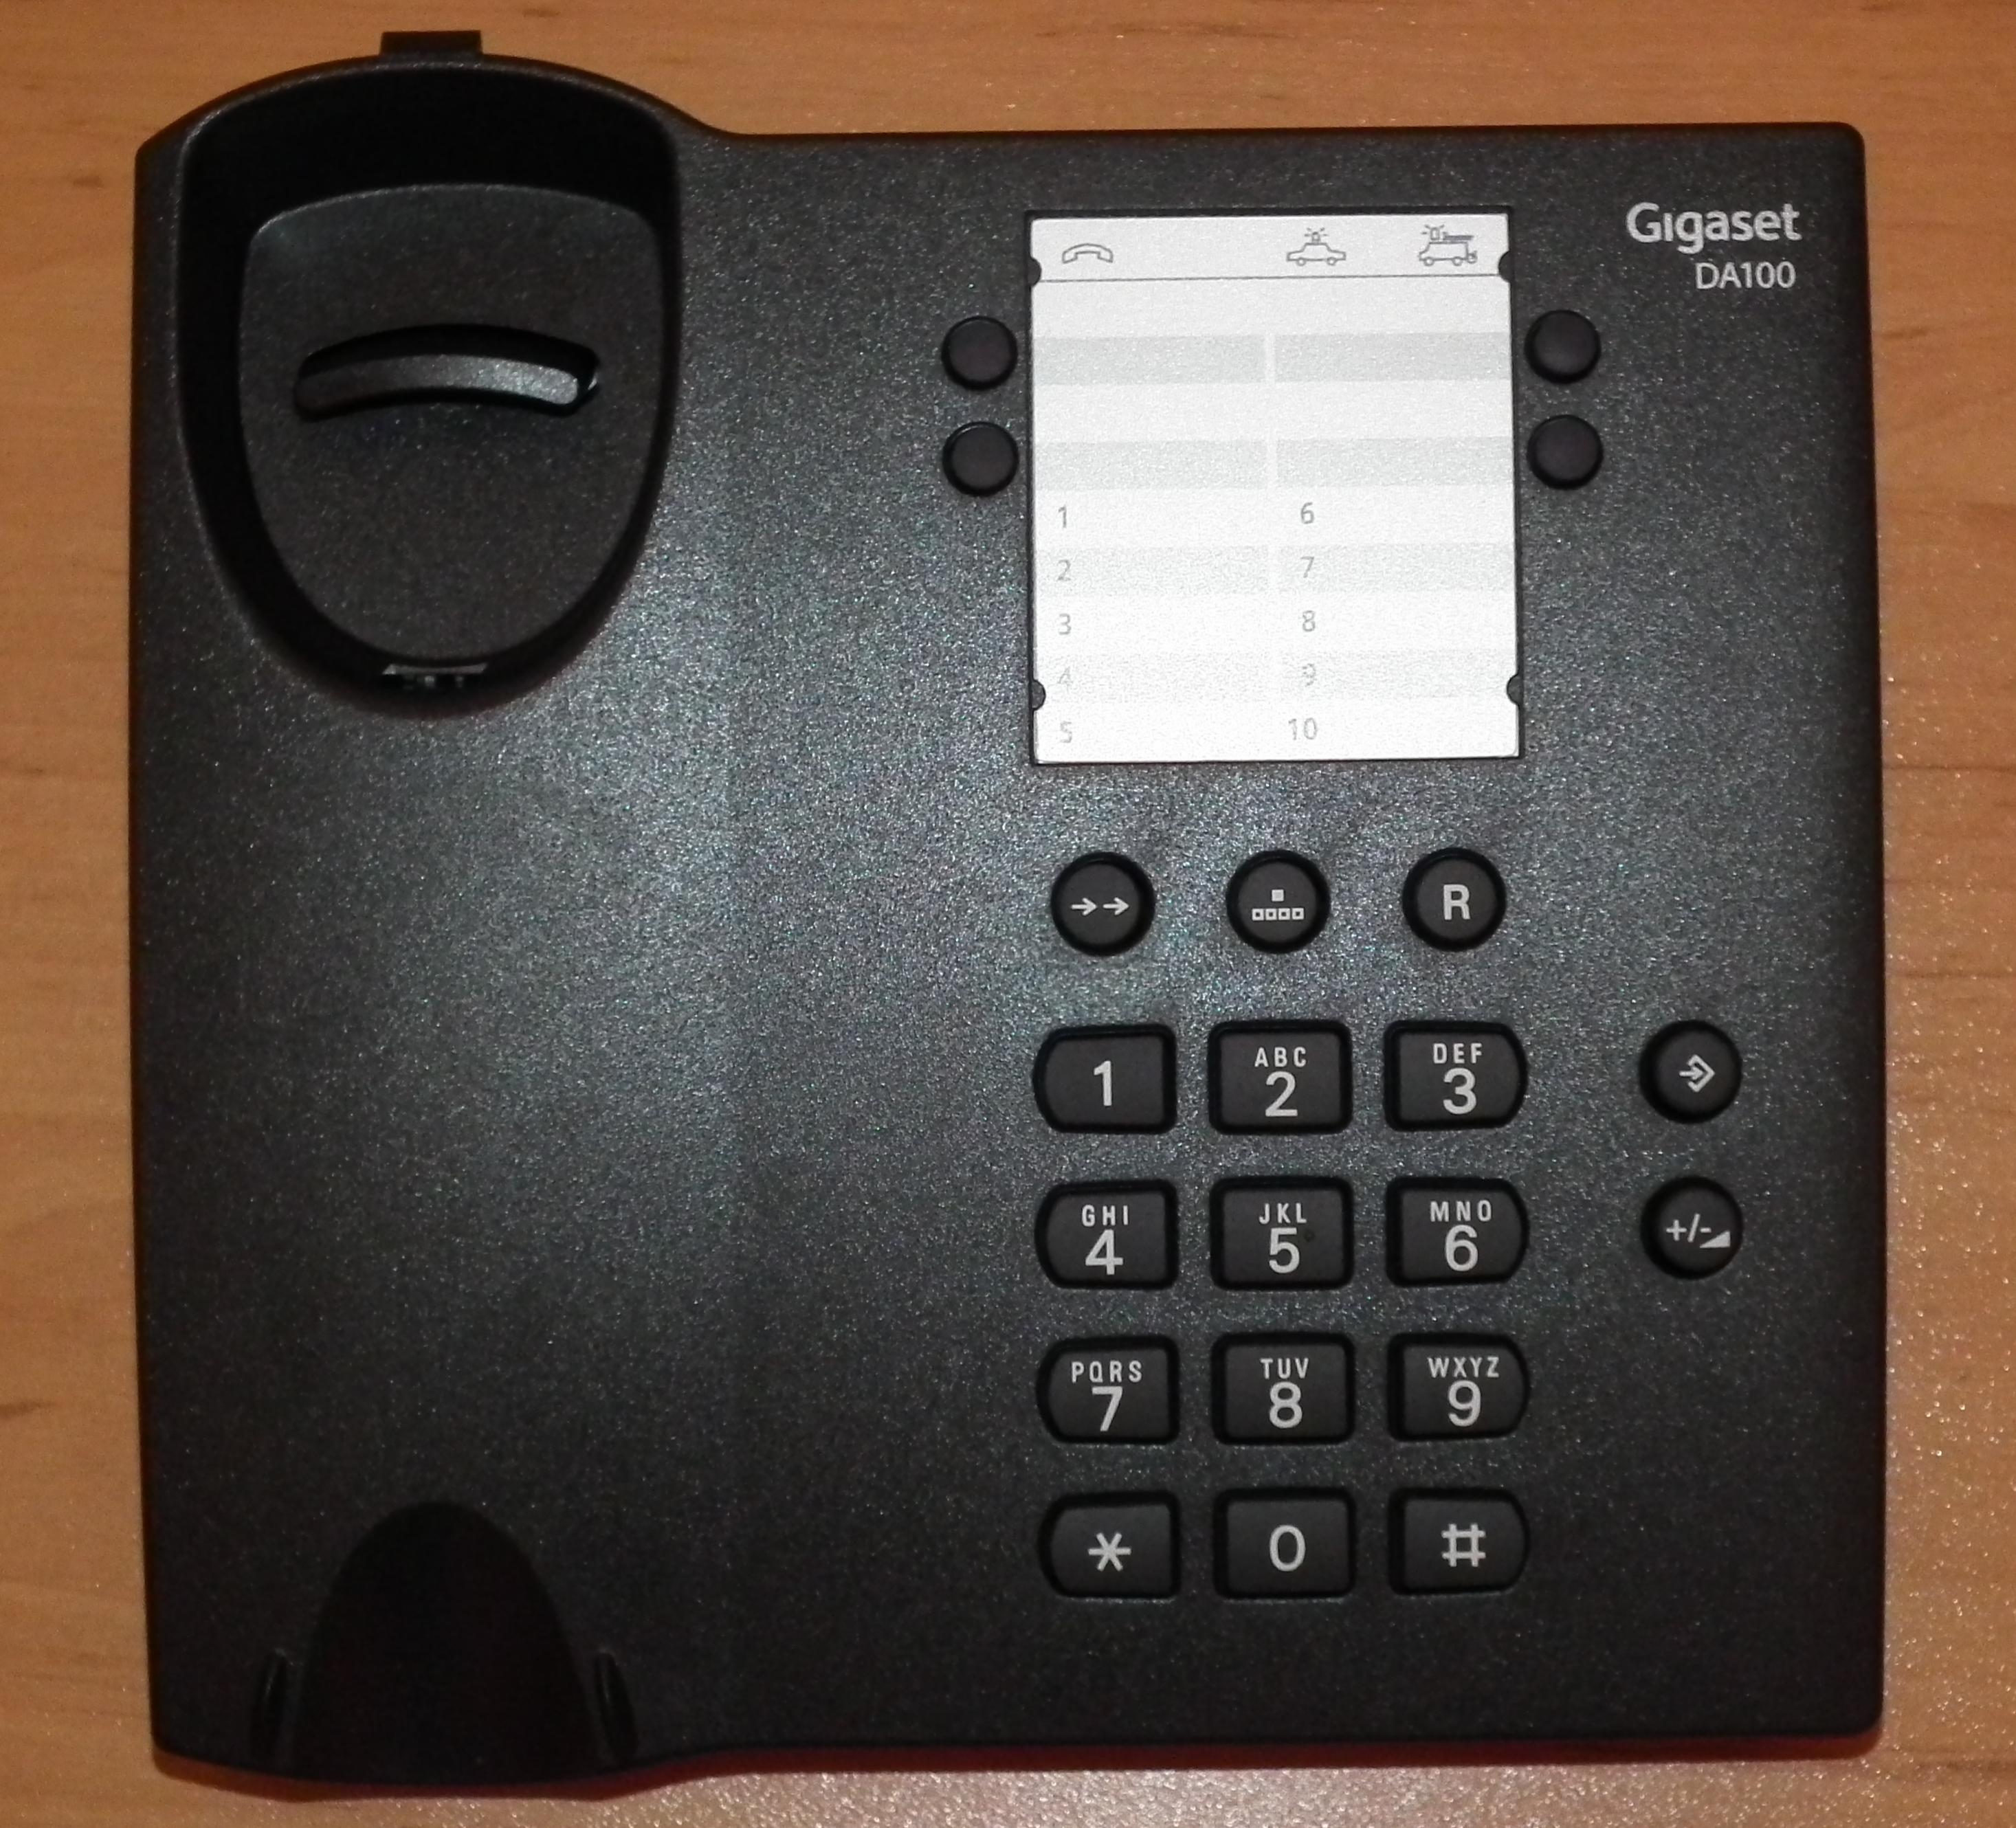 Внешний вид телефона